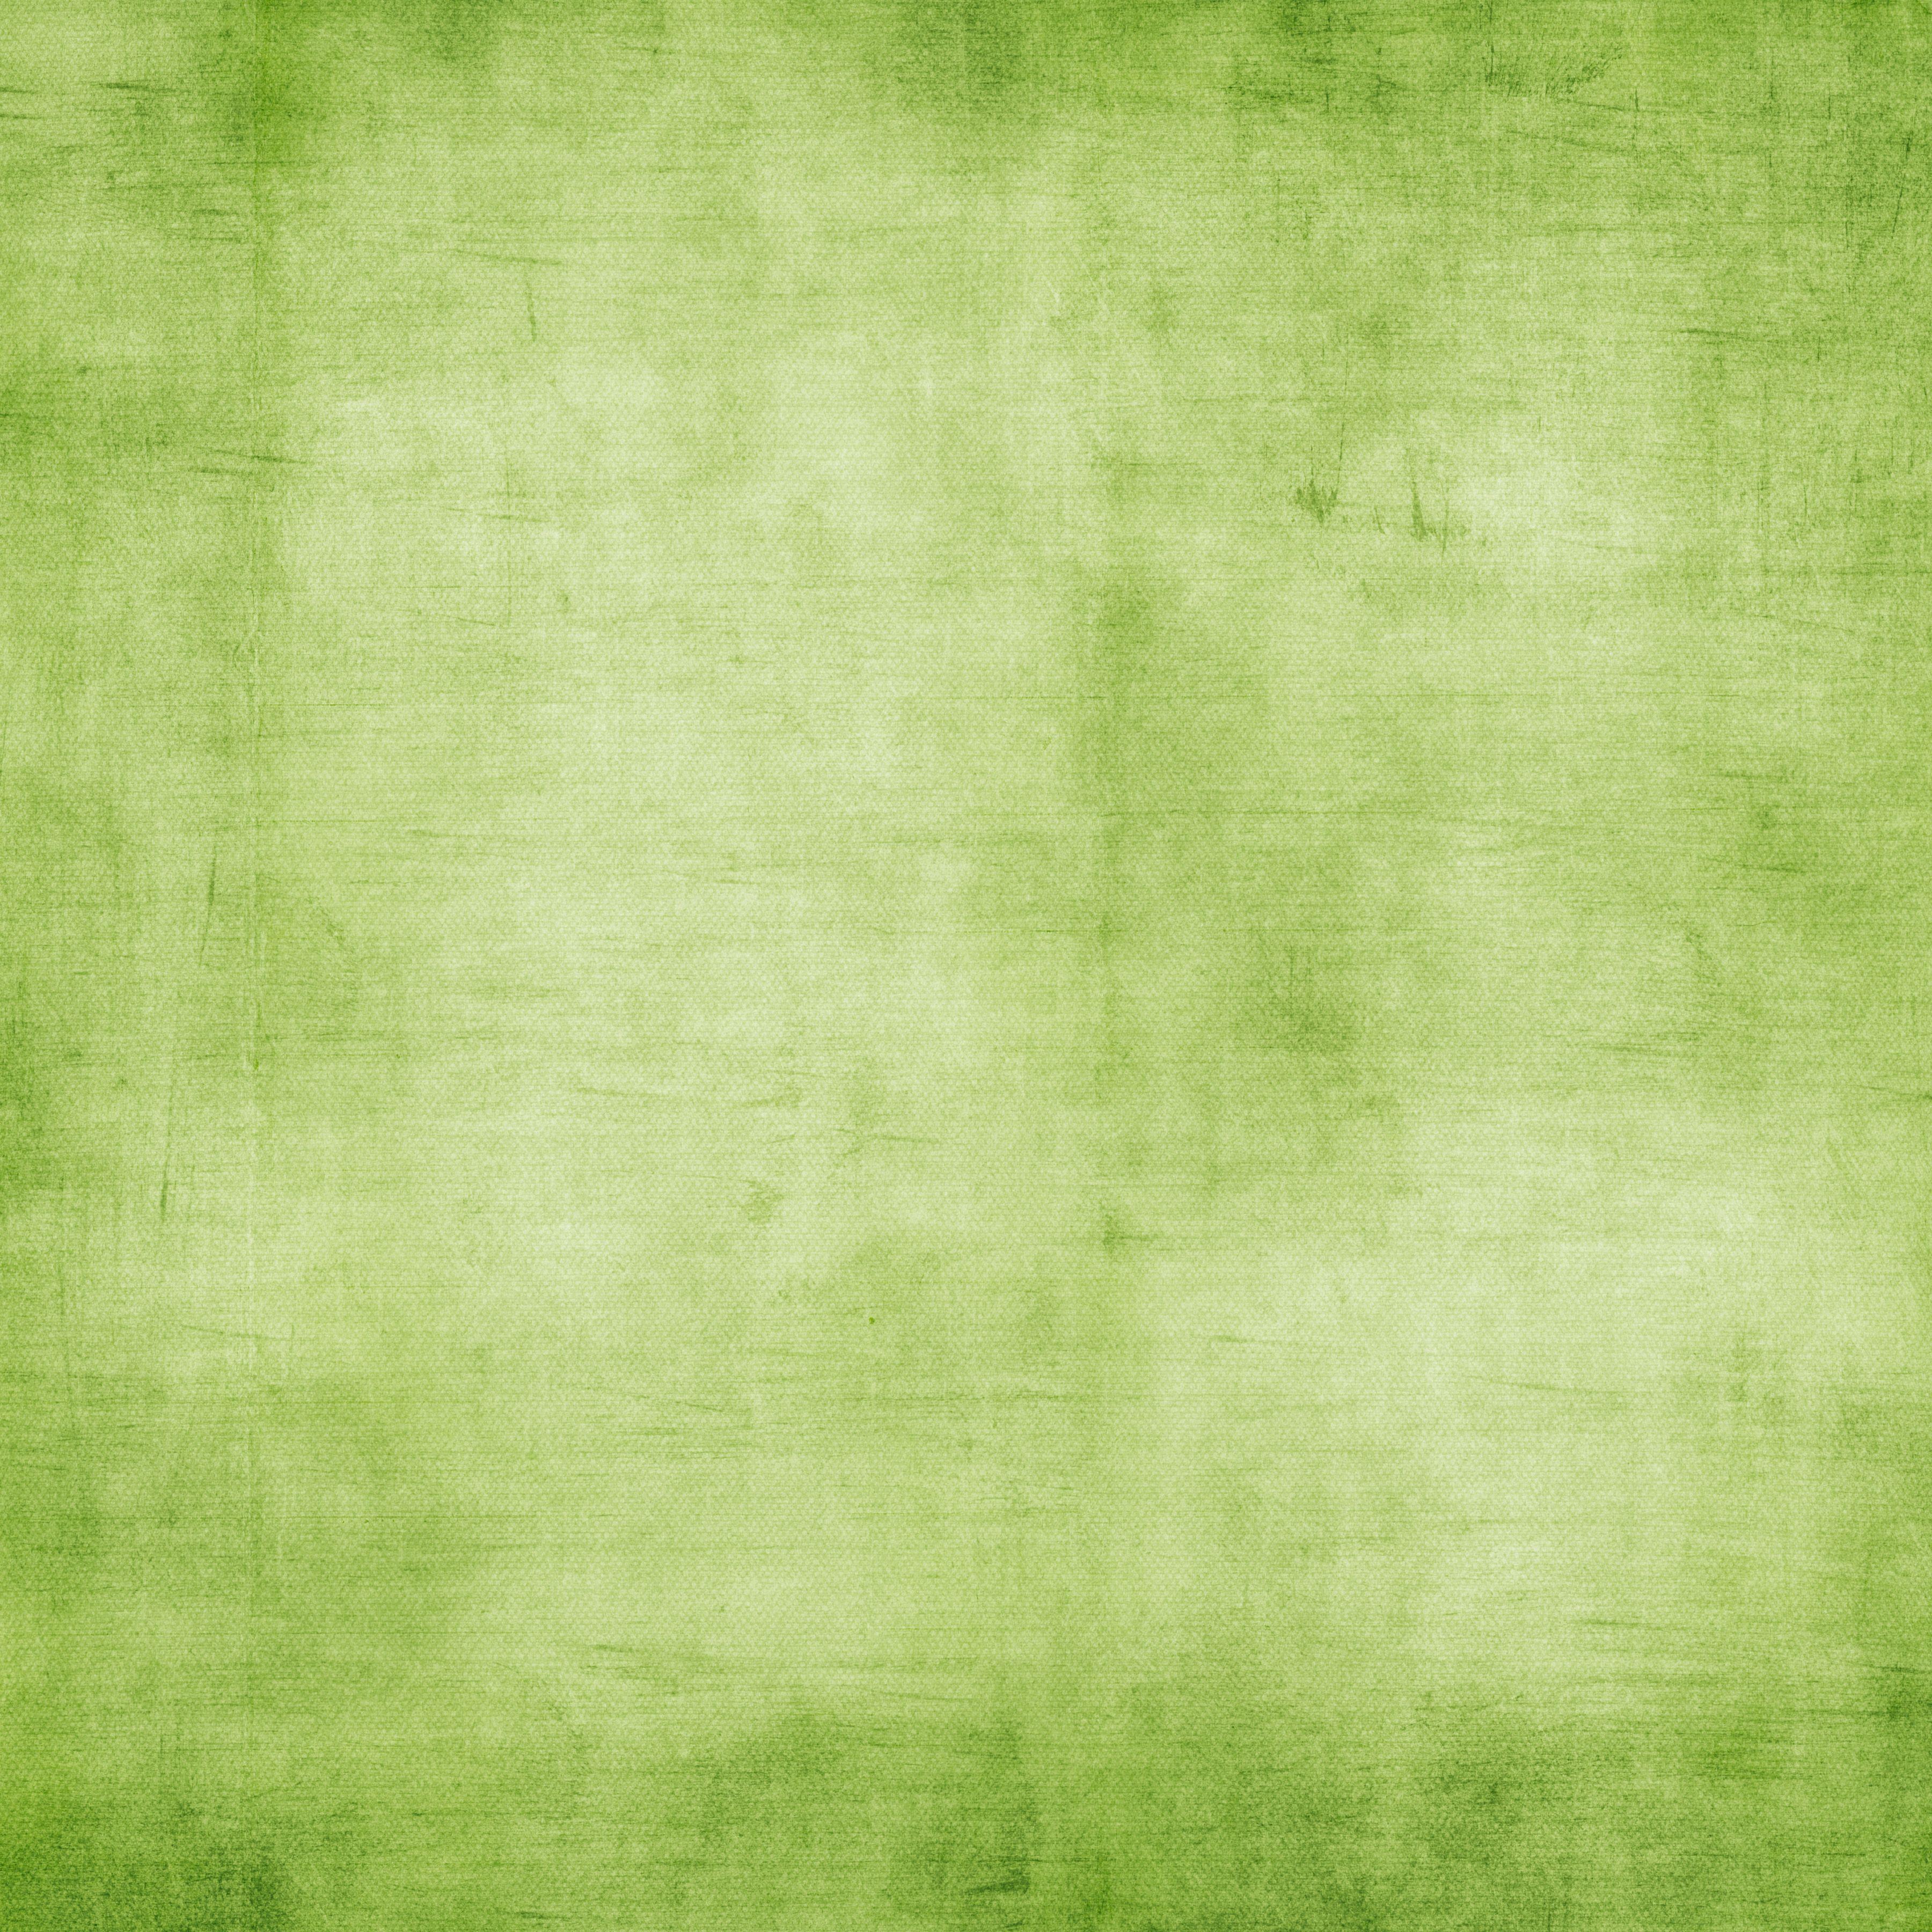 green background texture Pinterest Green backgrounds